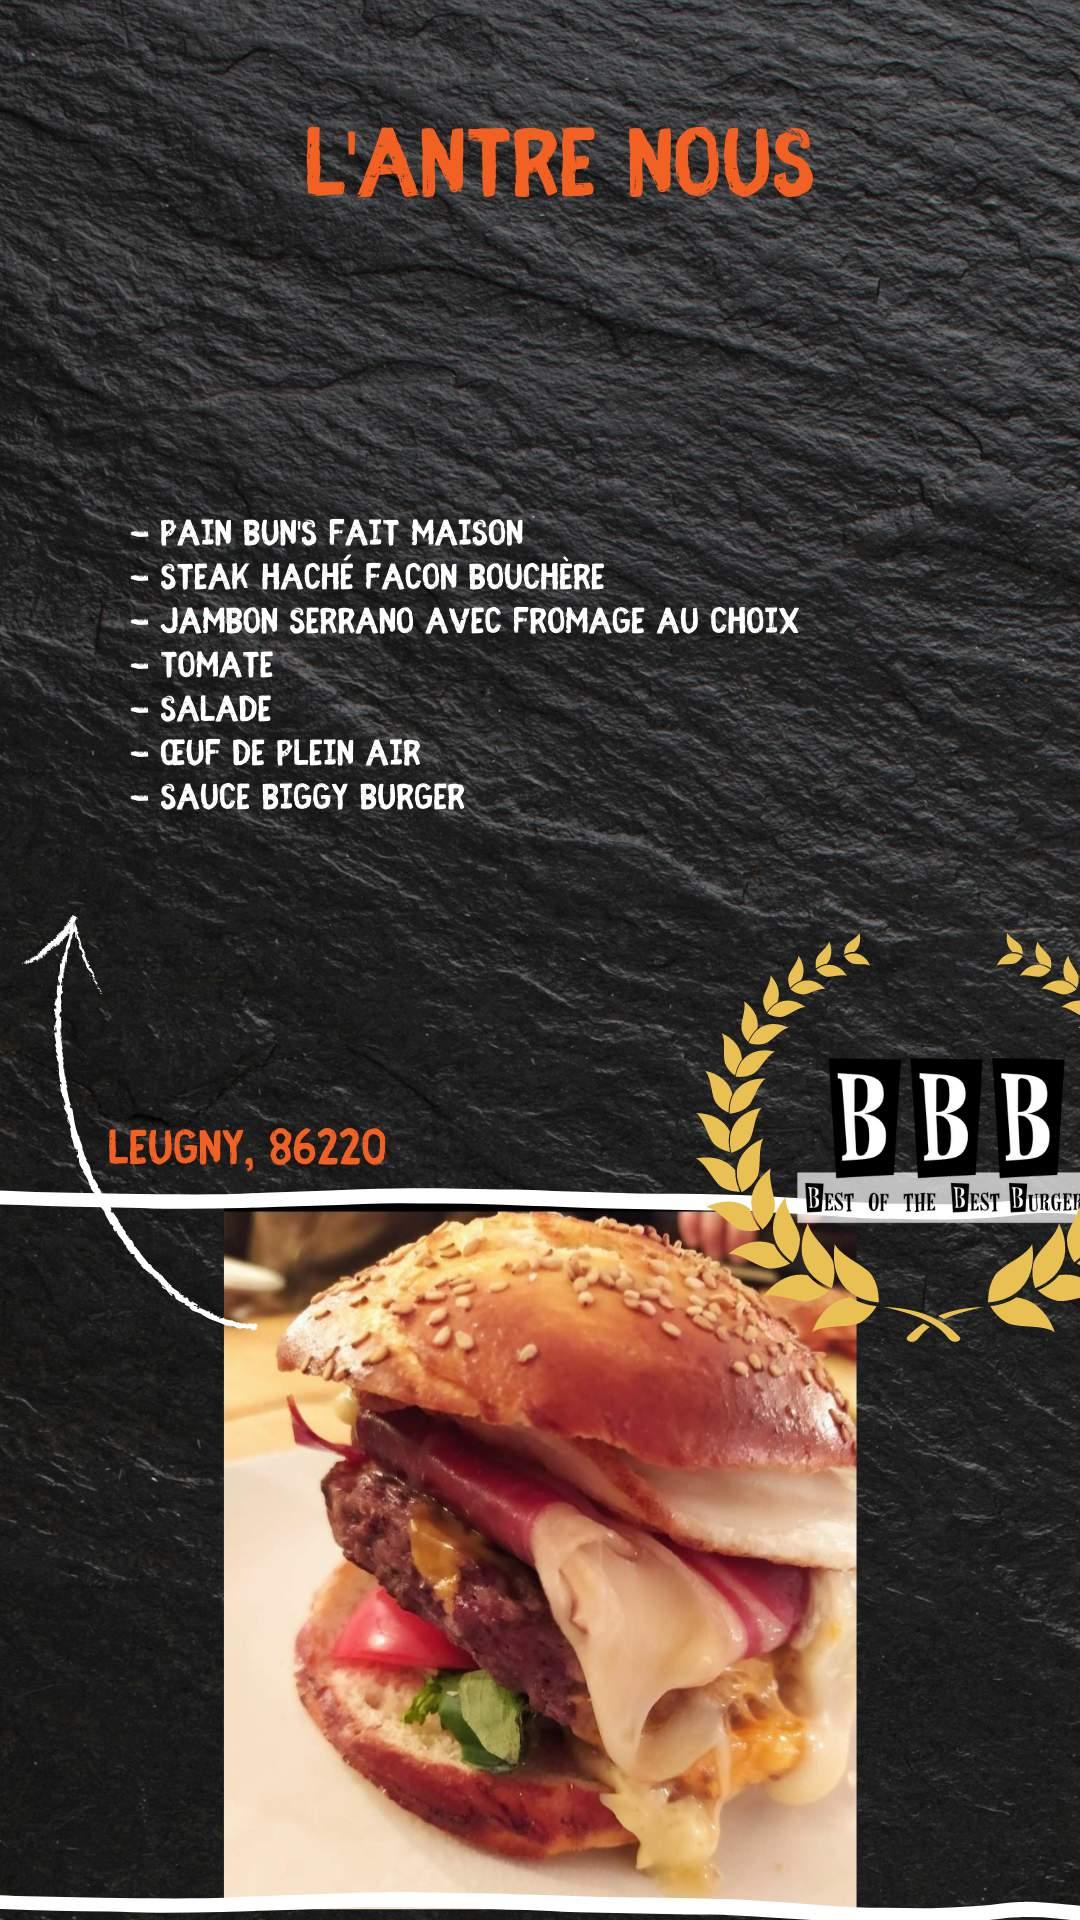 Burger de l'Antre nous